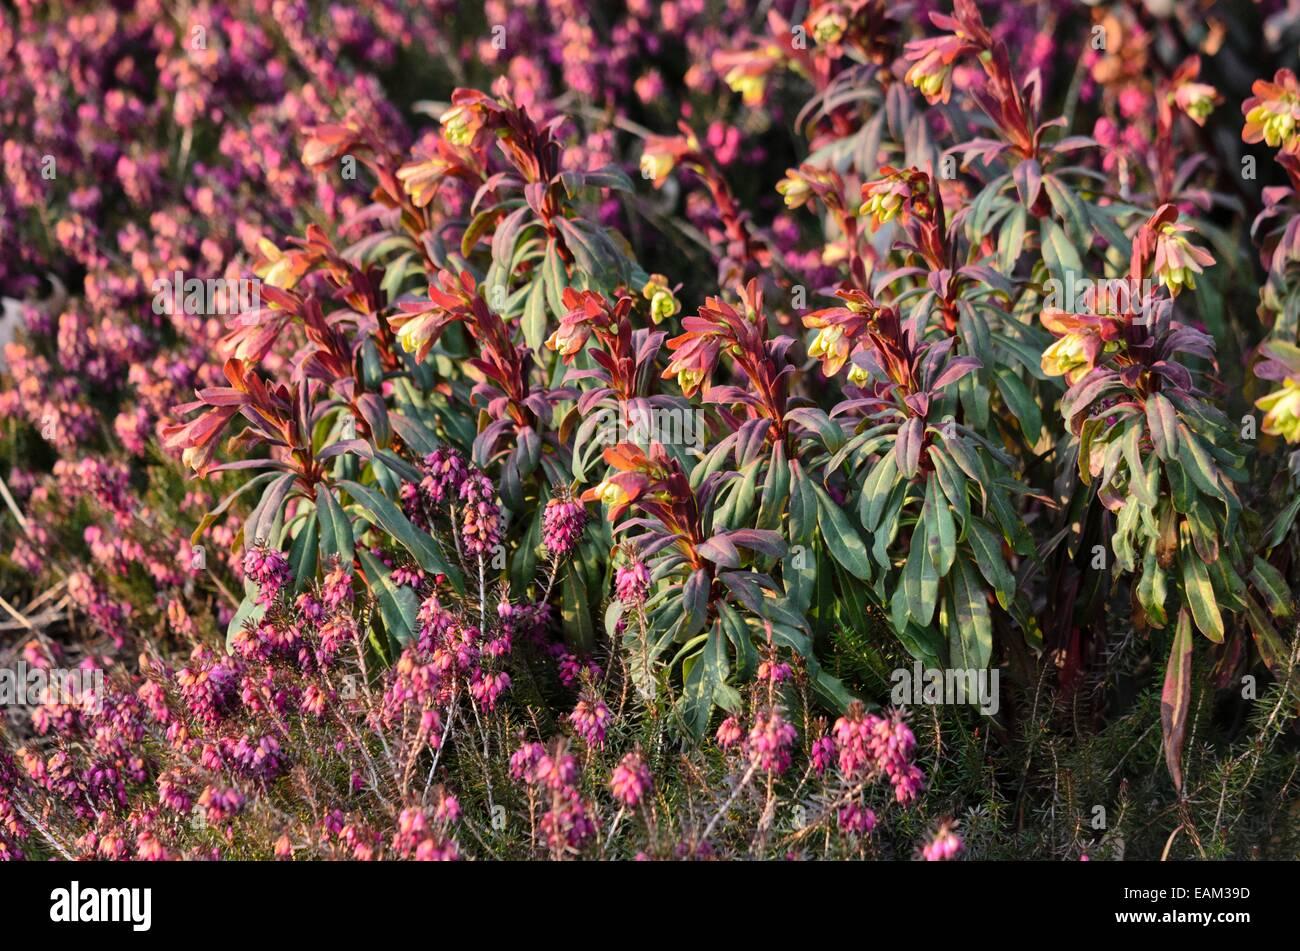 Wood spurge (Euphorbia amygdaloides 'Purpurea') and winter heather (Erica carnea syn. Erica herbacea) - Stock Image